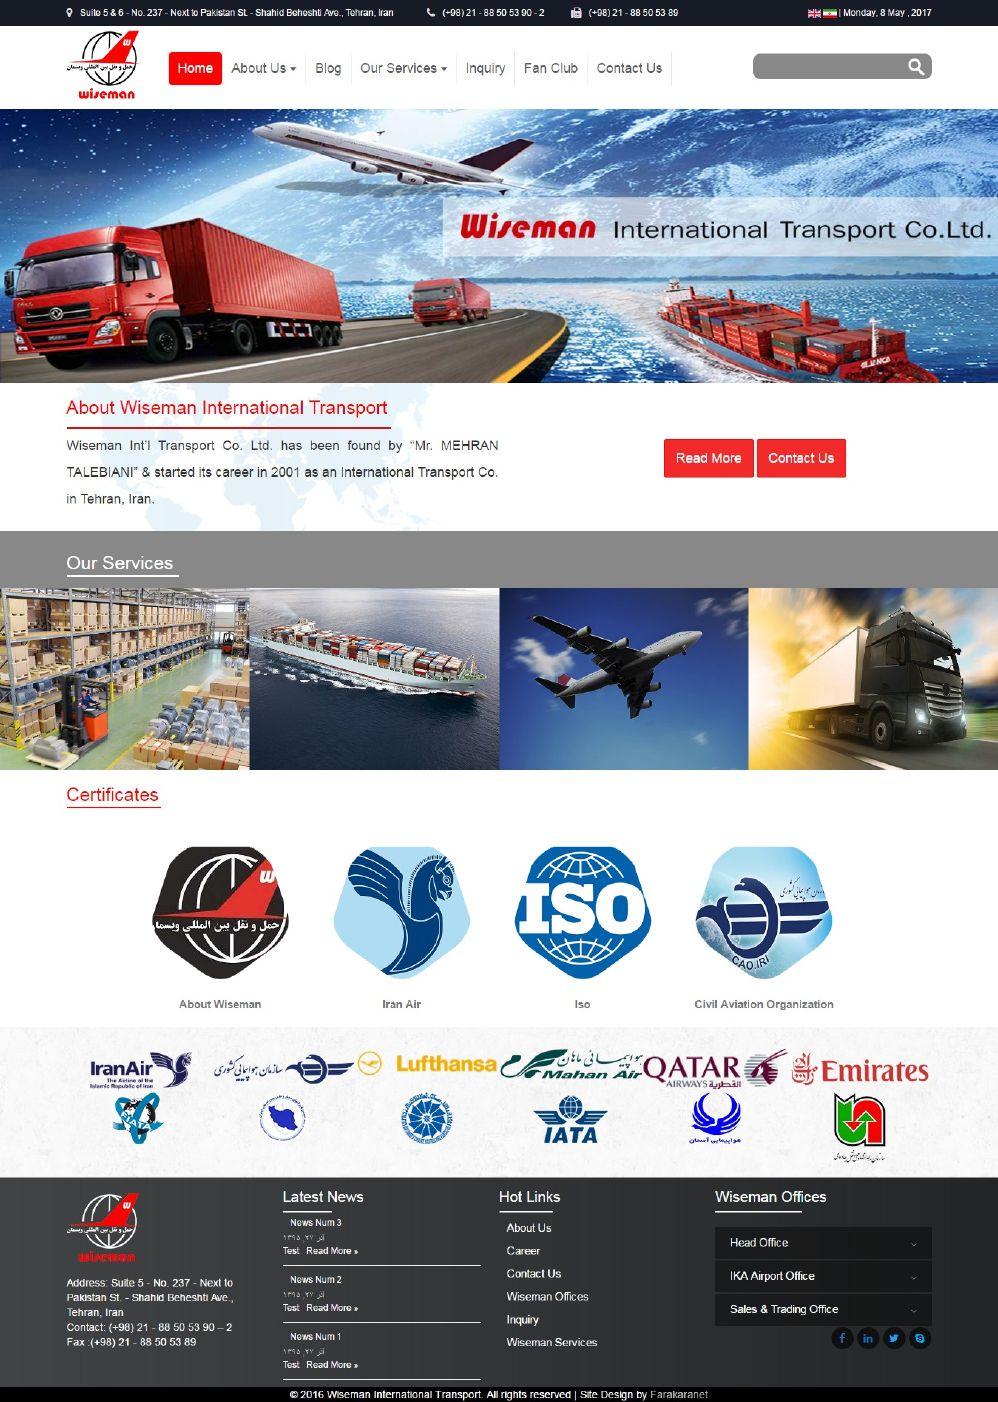 طراحی سایت شرکت حمل و نقل بین المللی ویسمان